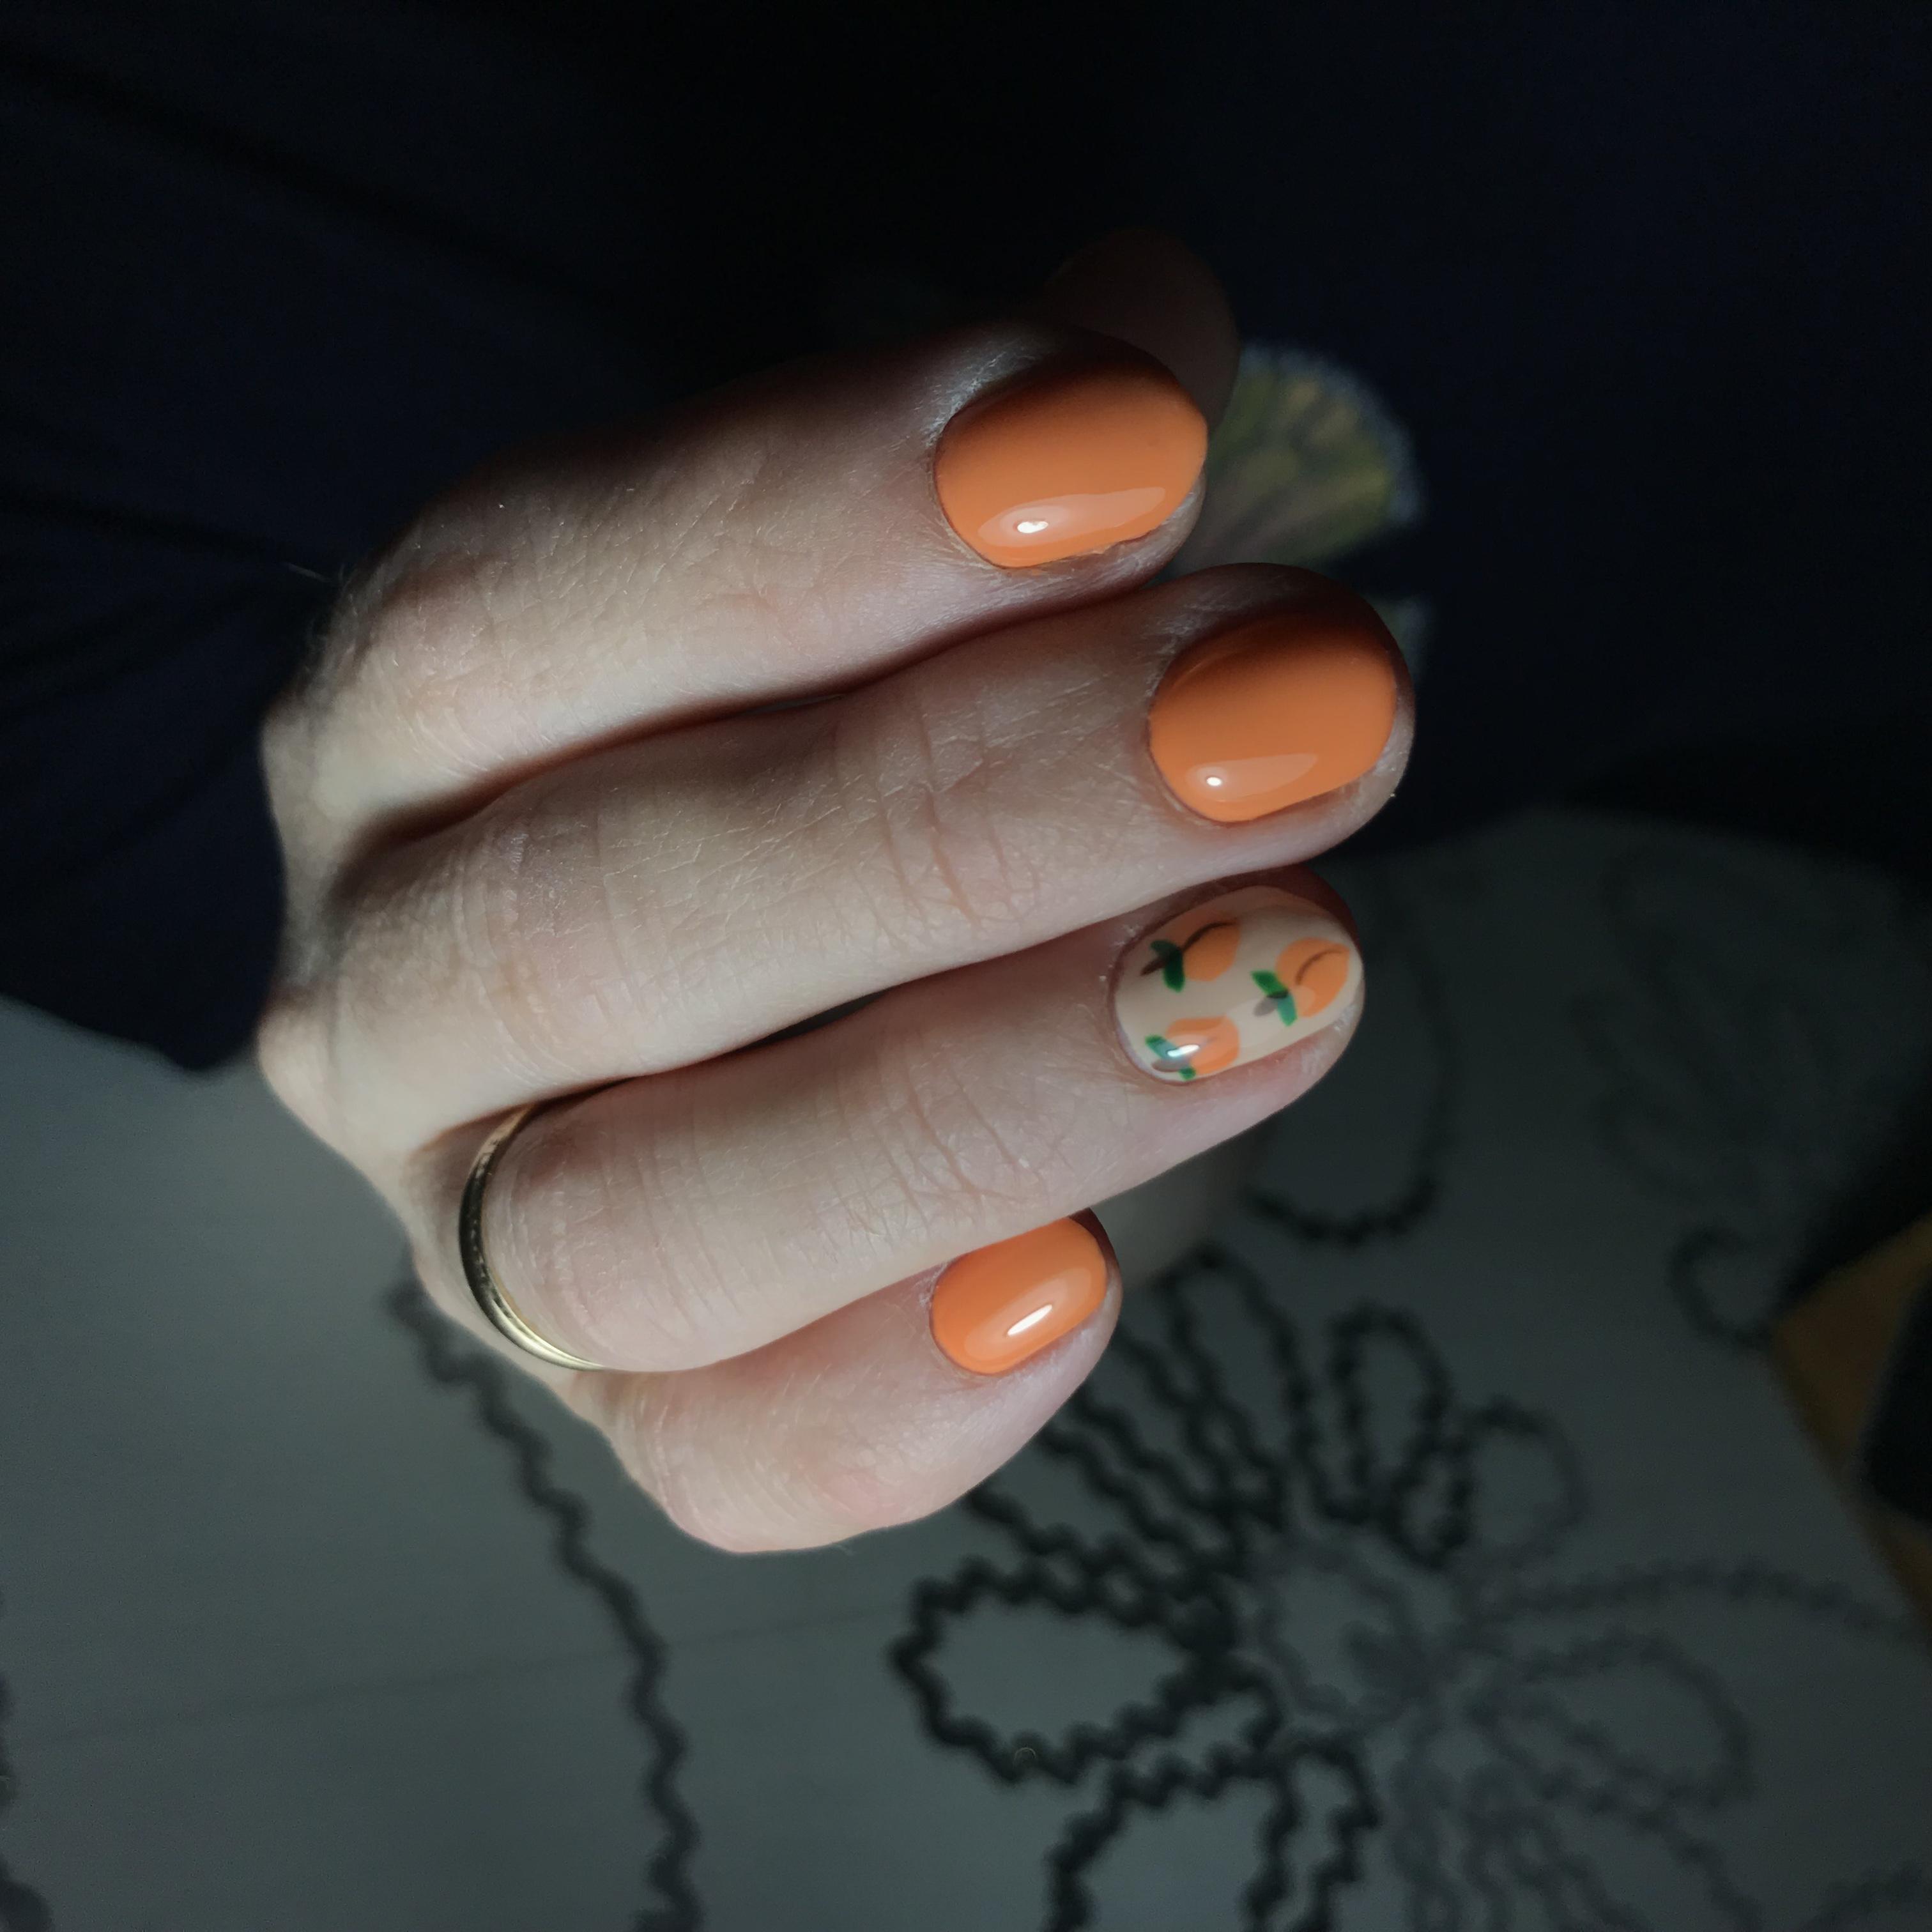 Маникюр с персиками в оранжевом цвете на короткие ногти.